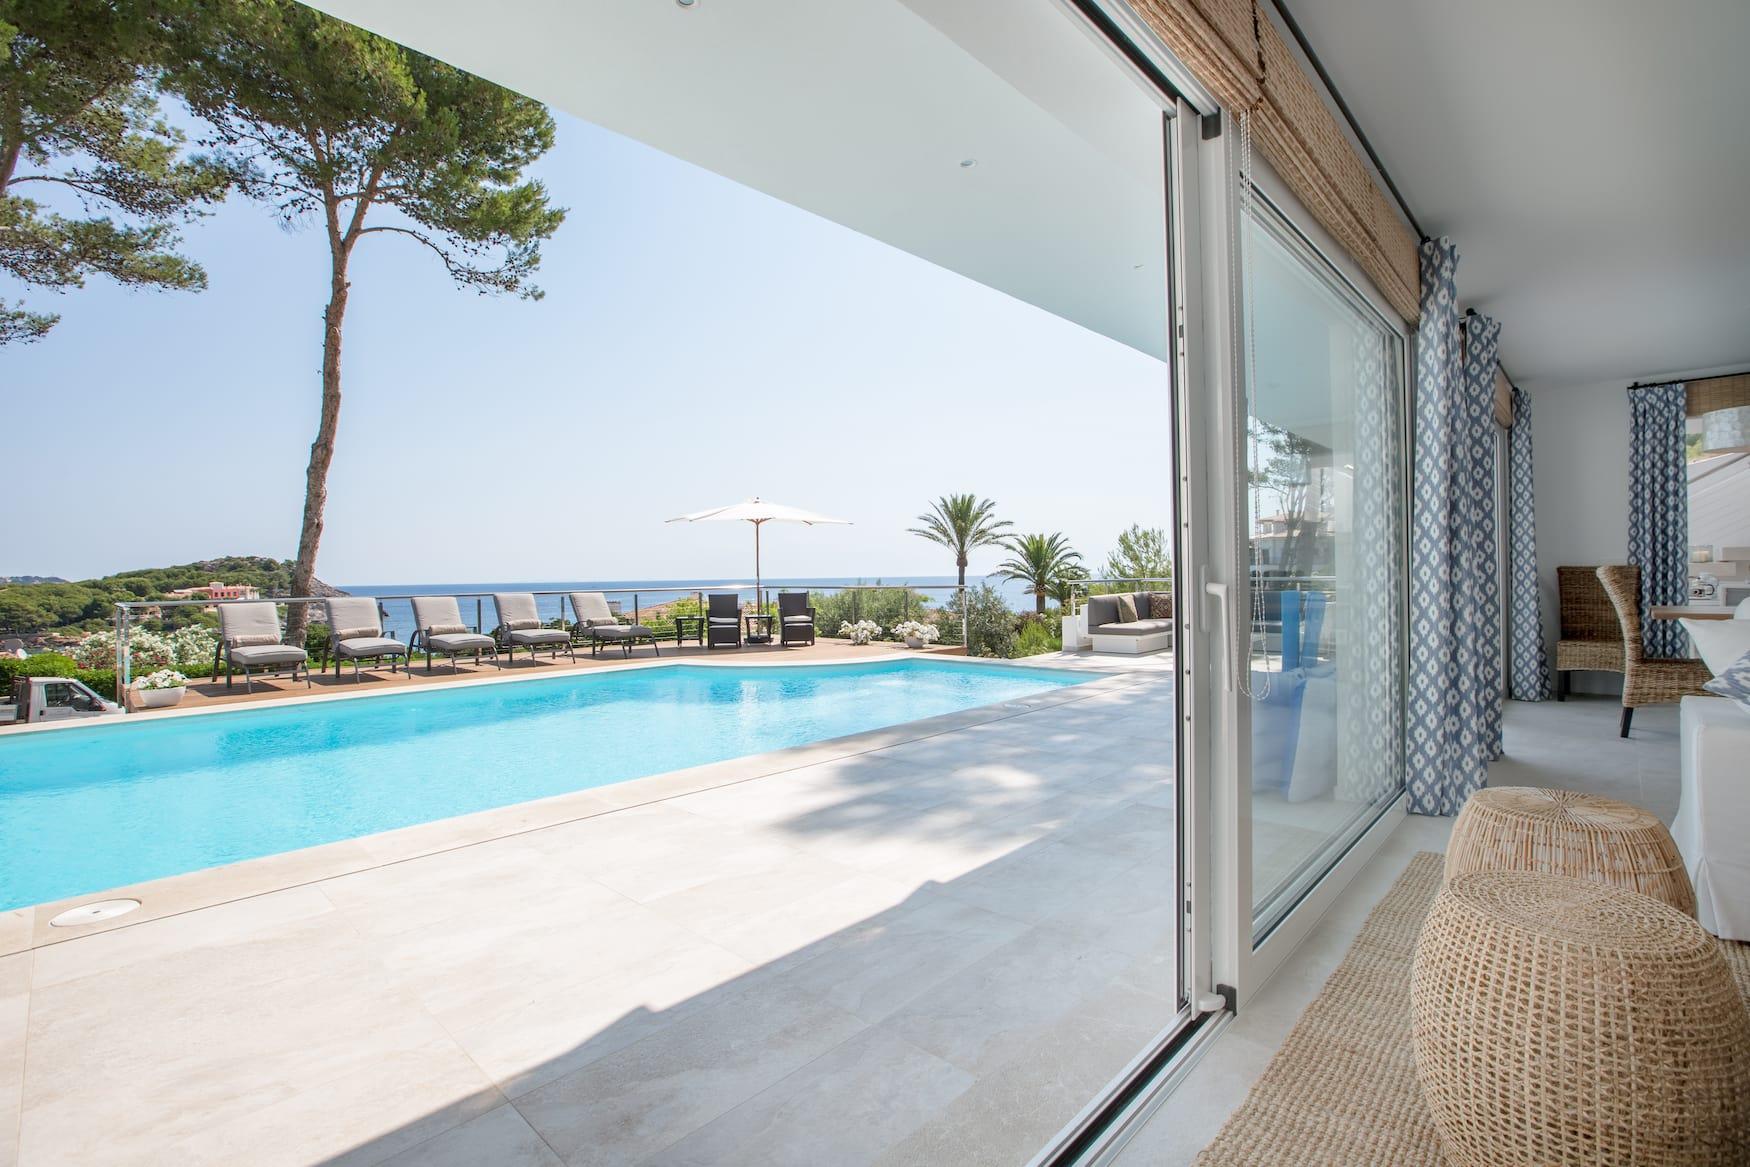 Blick aus dem Wohnraum der Brisa Marina, einem Ferienhaus auf Mallorca, auf den Pool und den dahinterliegende Ozean